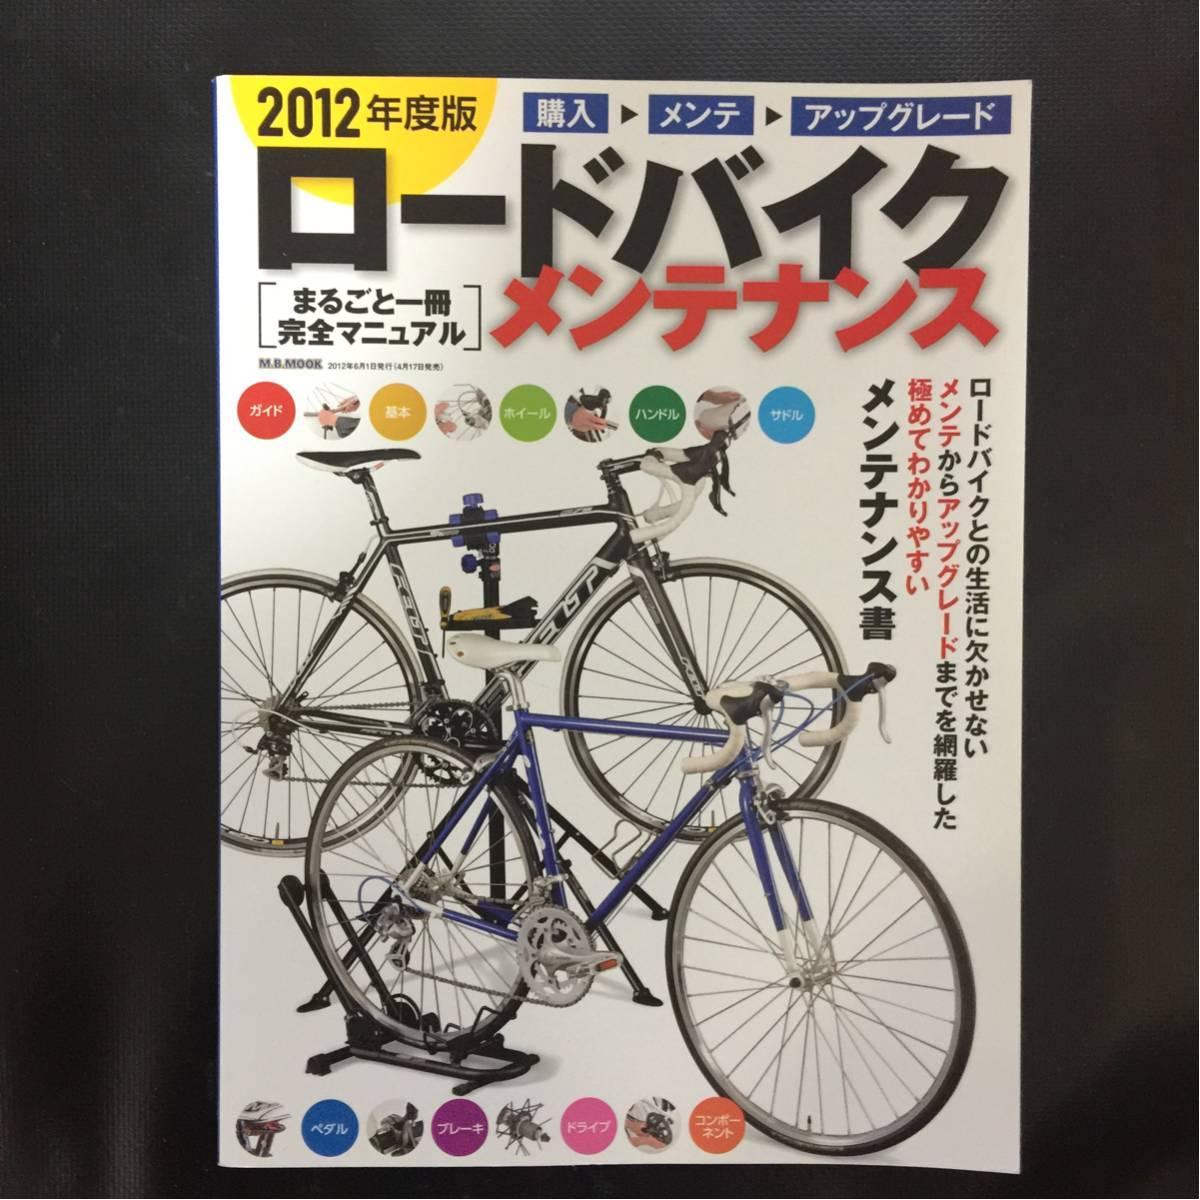 【程度良好 書籍】ロードバイク メンテナンス[まるごと一冊完全マニュアル]_画像1